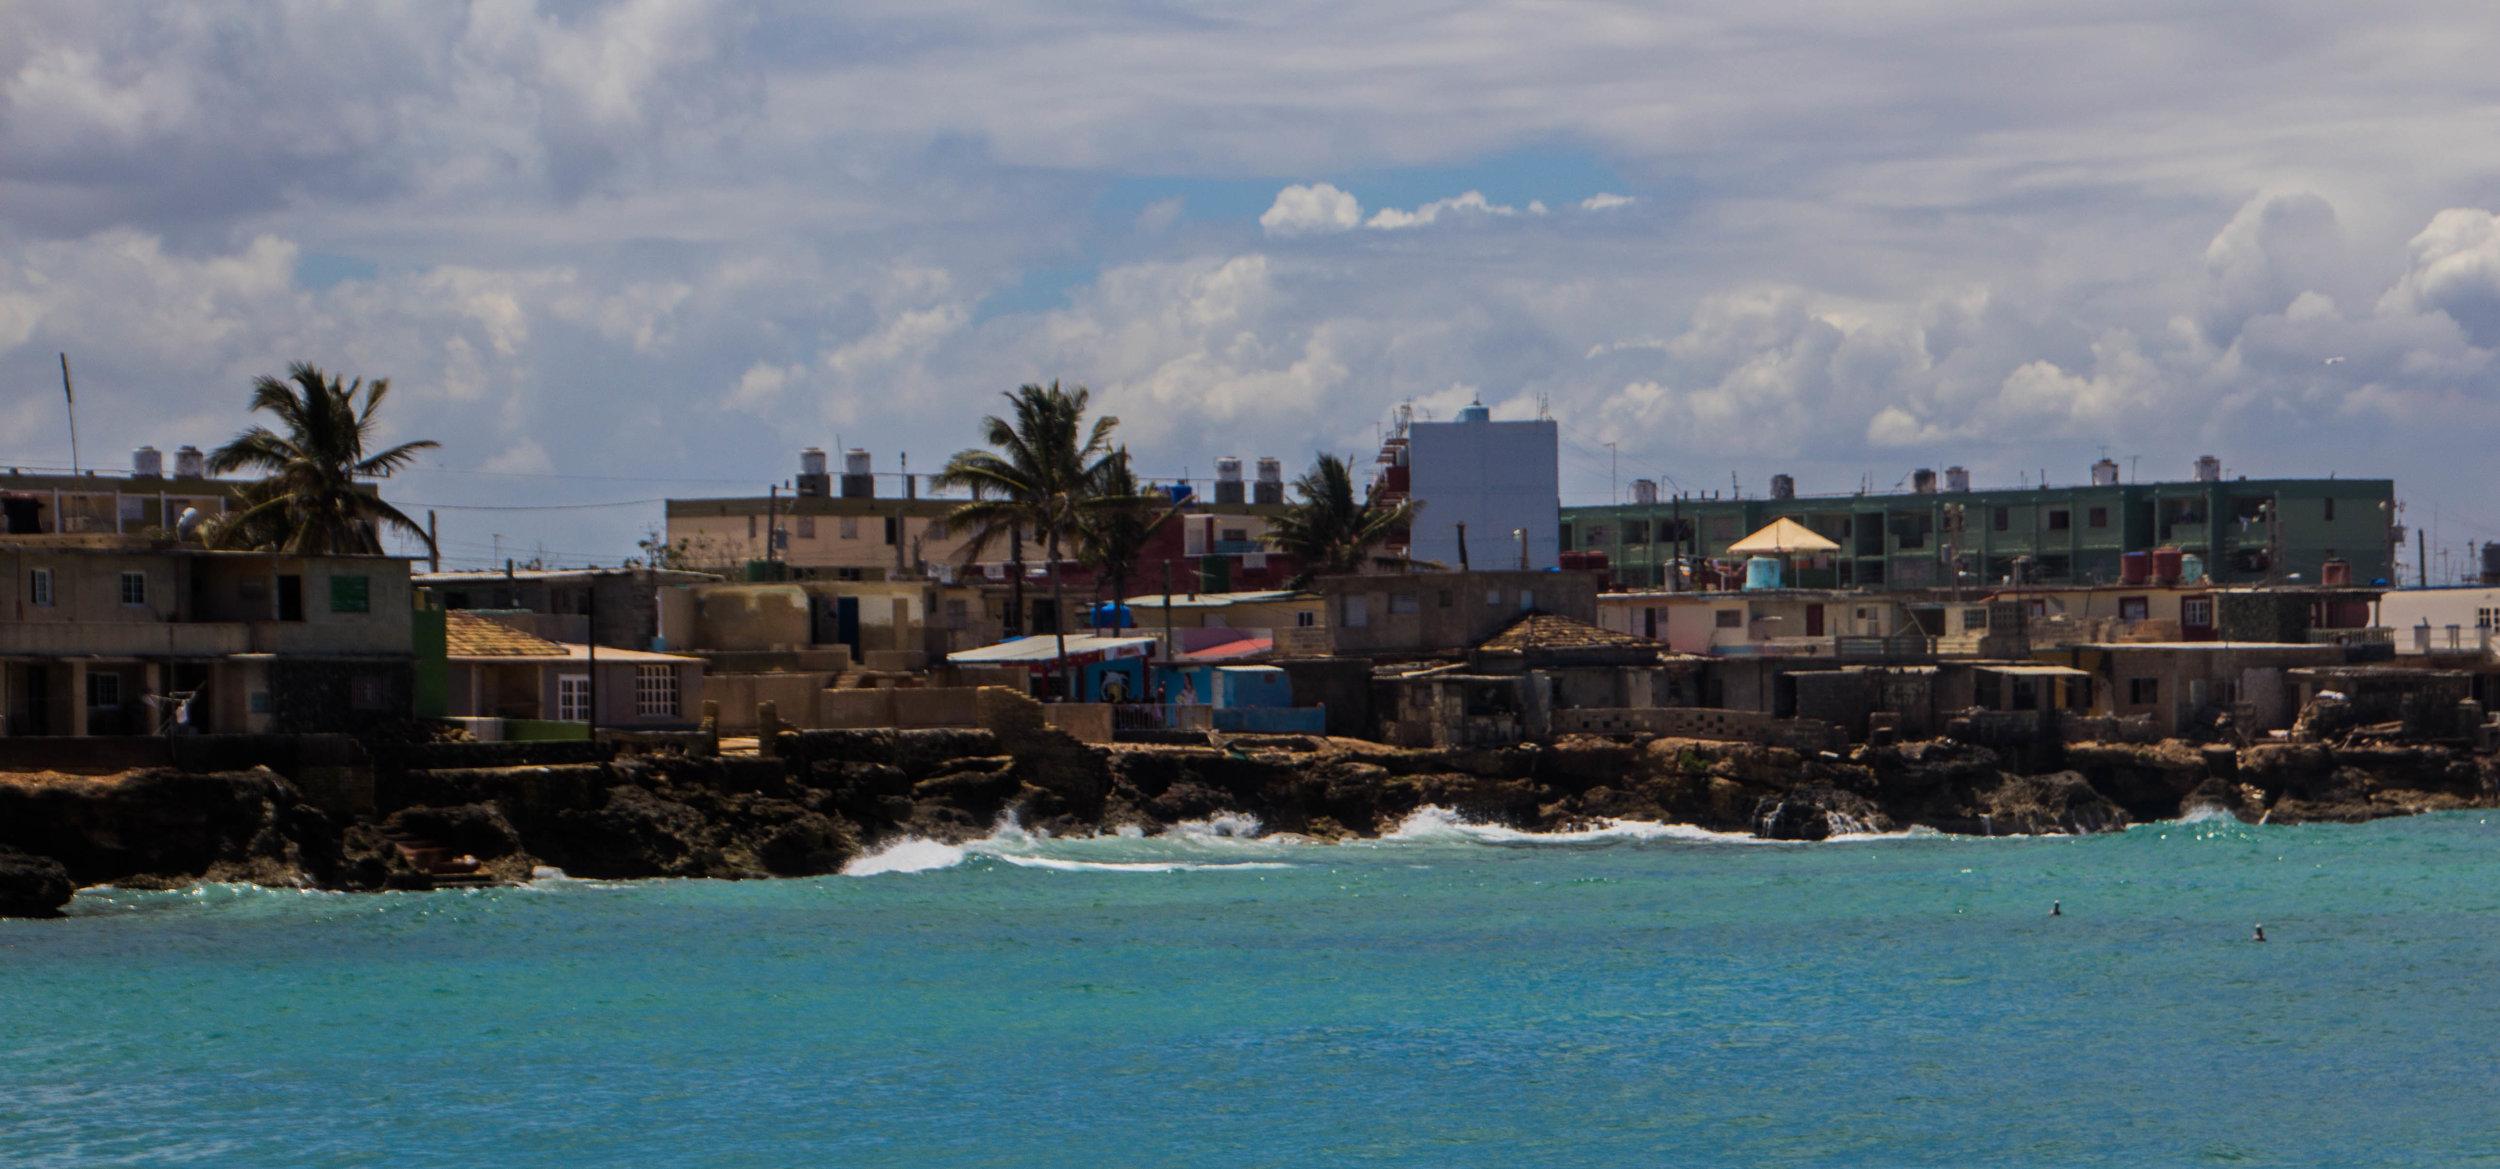 boca de camrioca waterfront-1-2.jpg